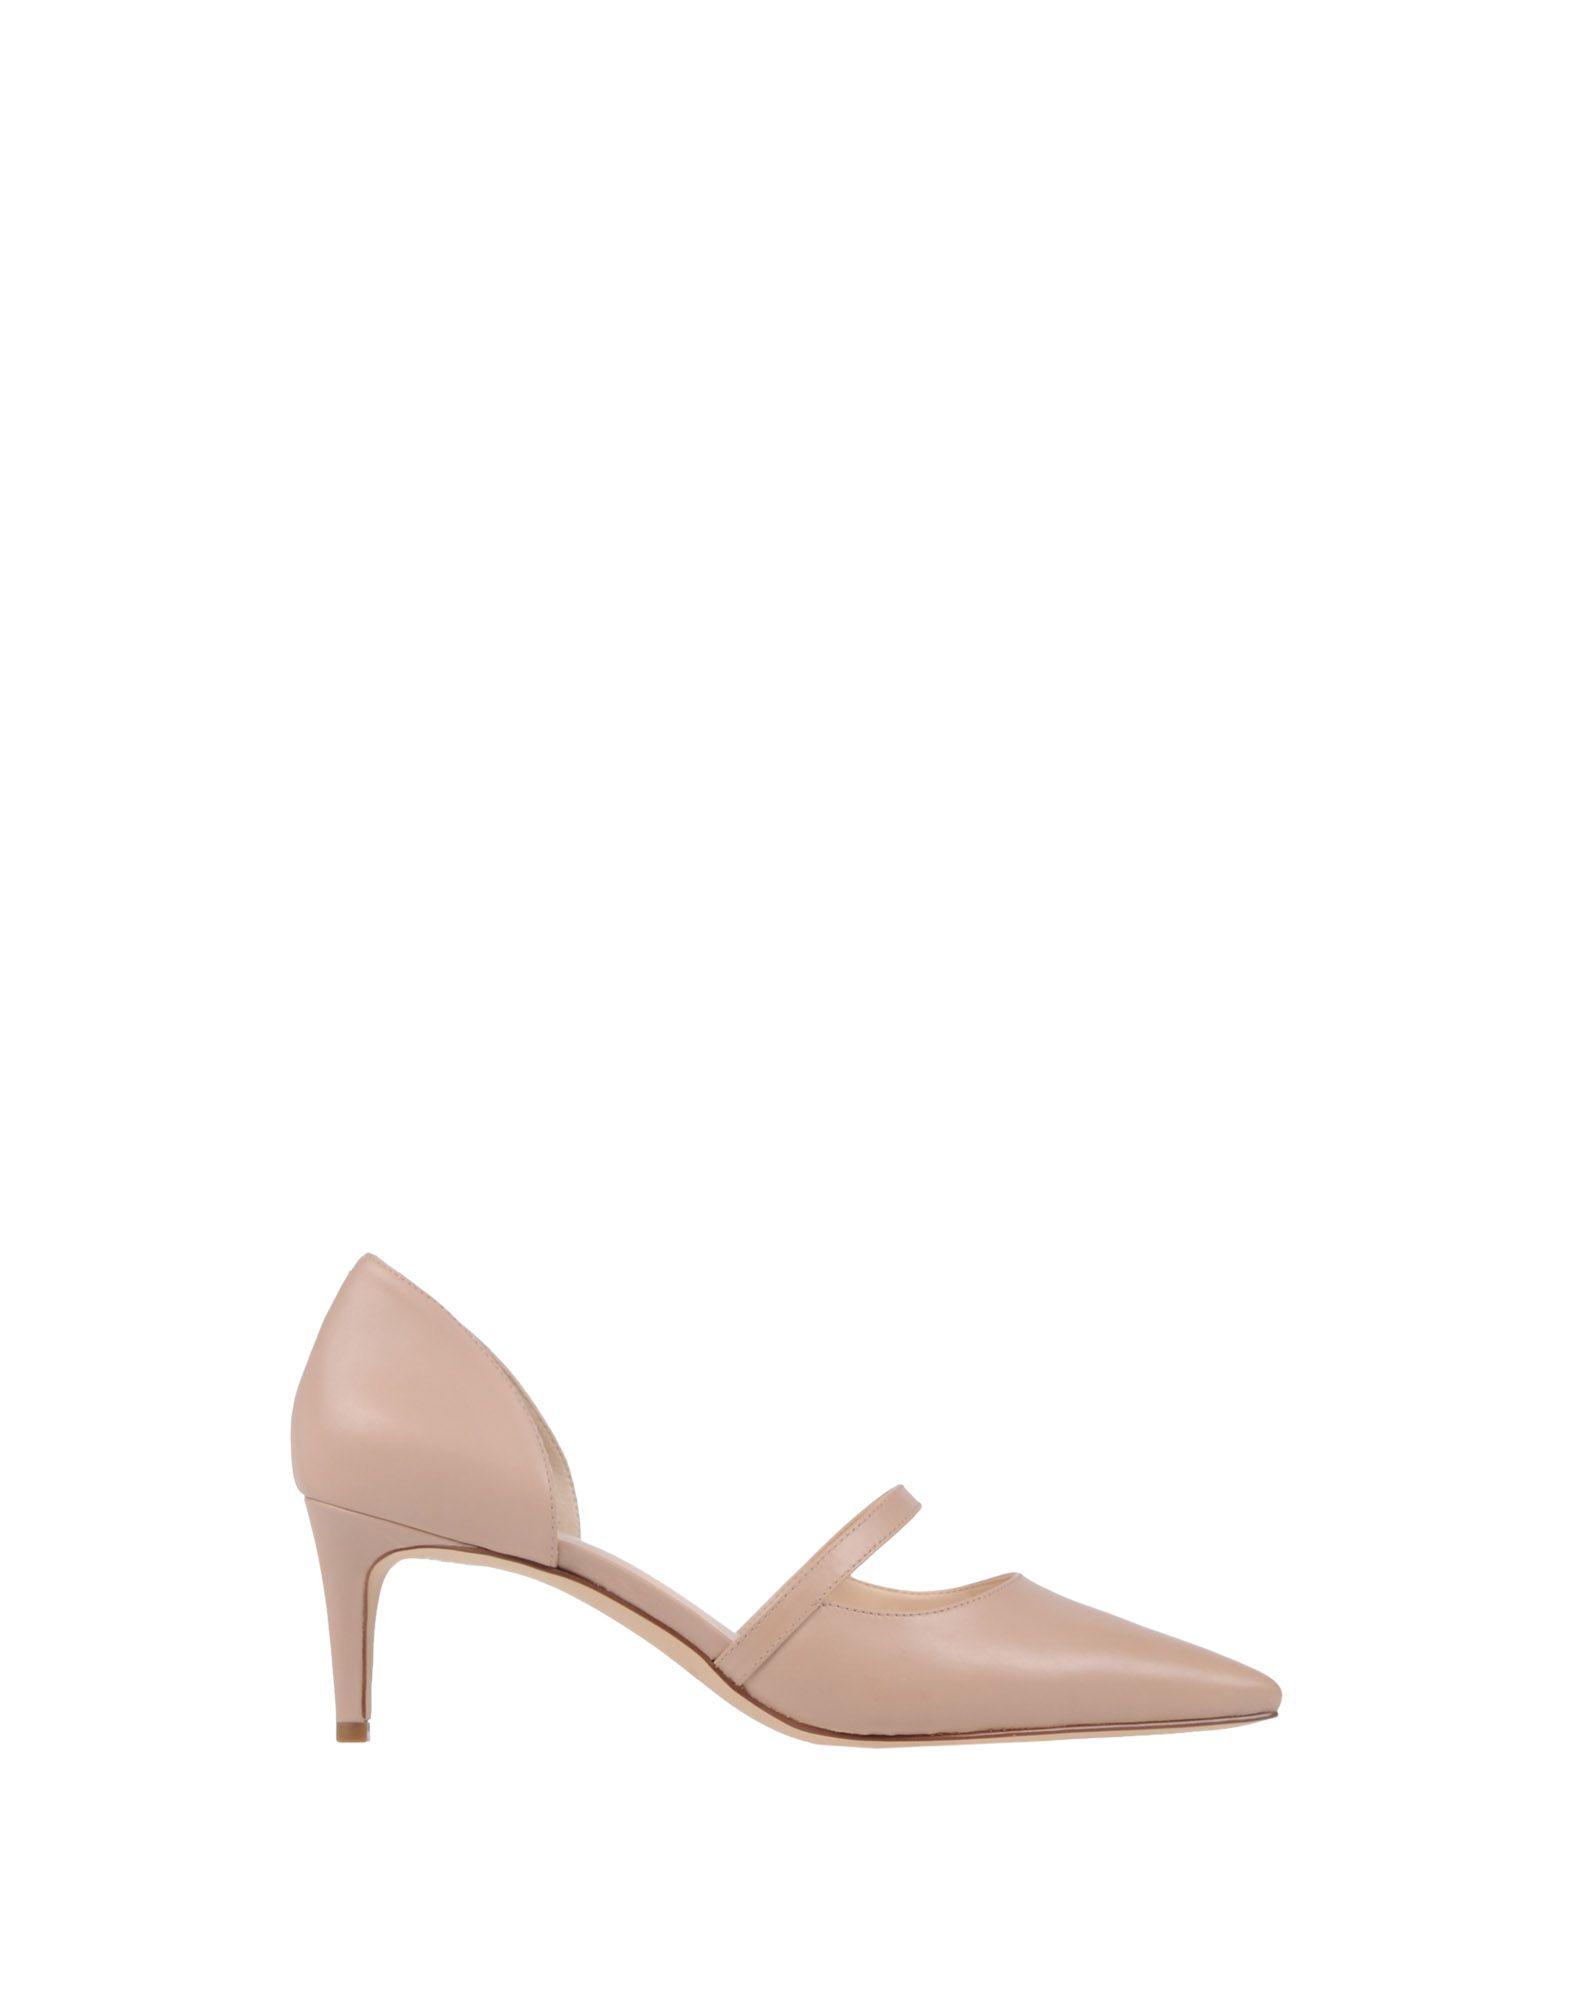 Gut um West billige Schuhe zu tragenNine West um Pumps Damen  11444919XT 7b456d